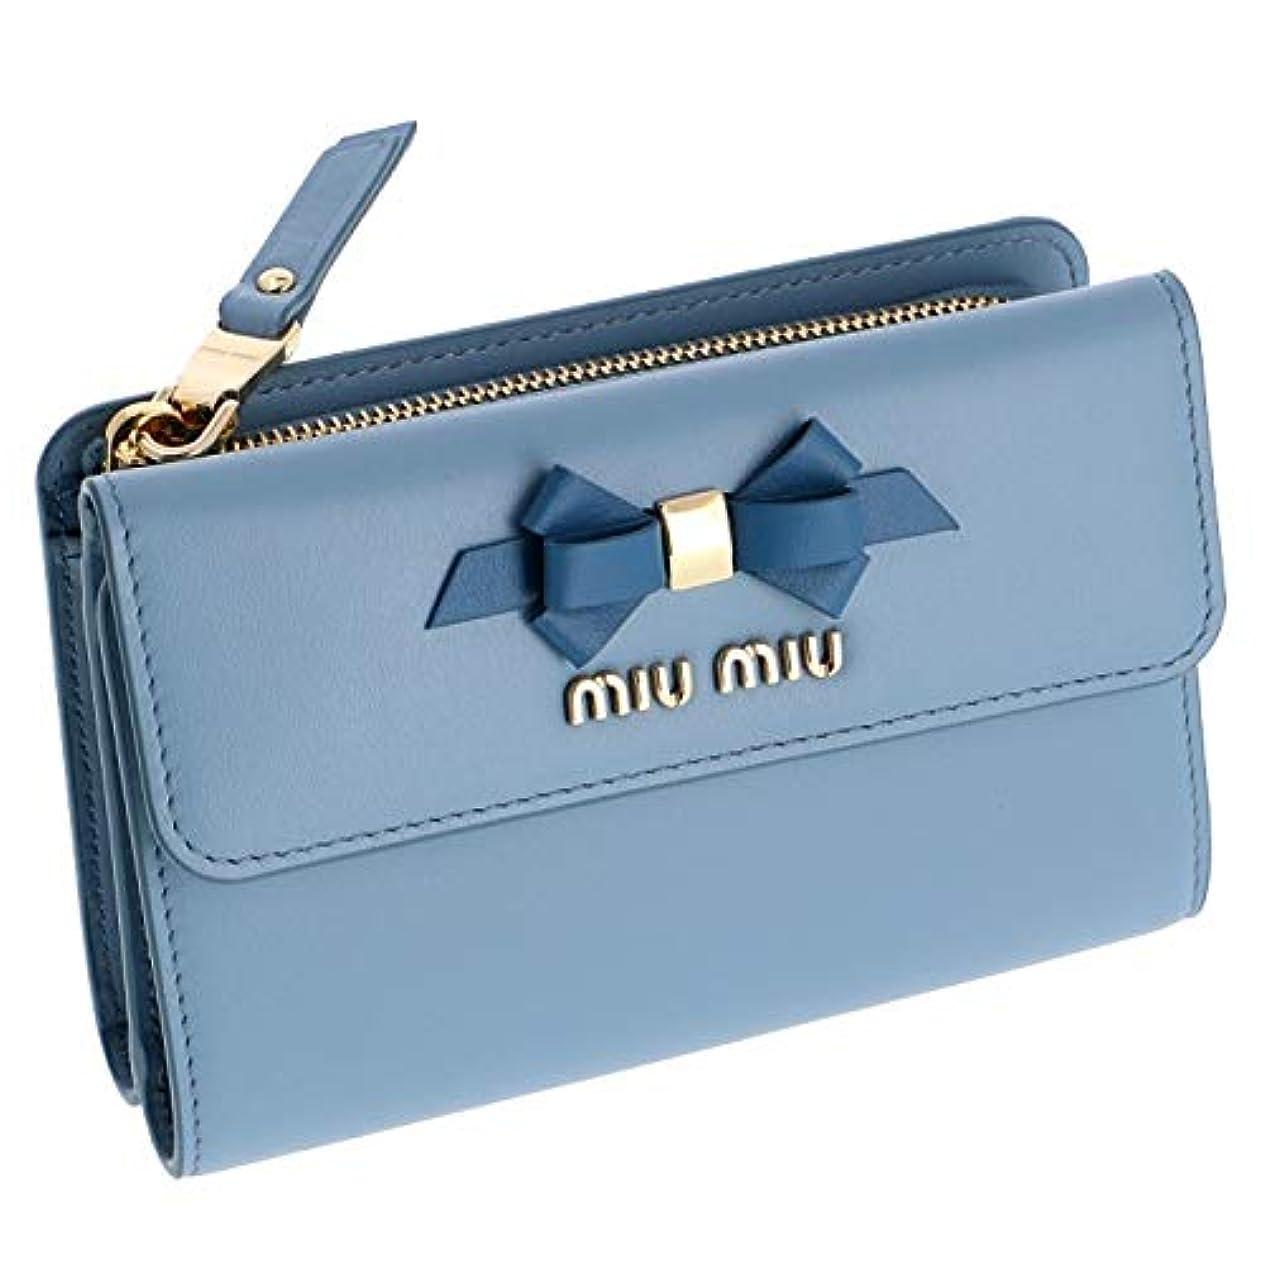 地上のホームレス悪夢MIUMIU(ミュウミュウ) 財布 三つ折り財布 りぼんモチーフ 折りたたみ財布 ミニ財布 三つ折り財布 5ML014 2B61 RFK [並行輸入品]